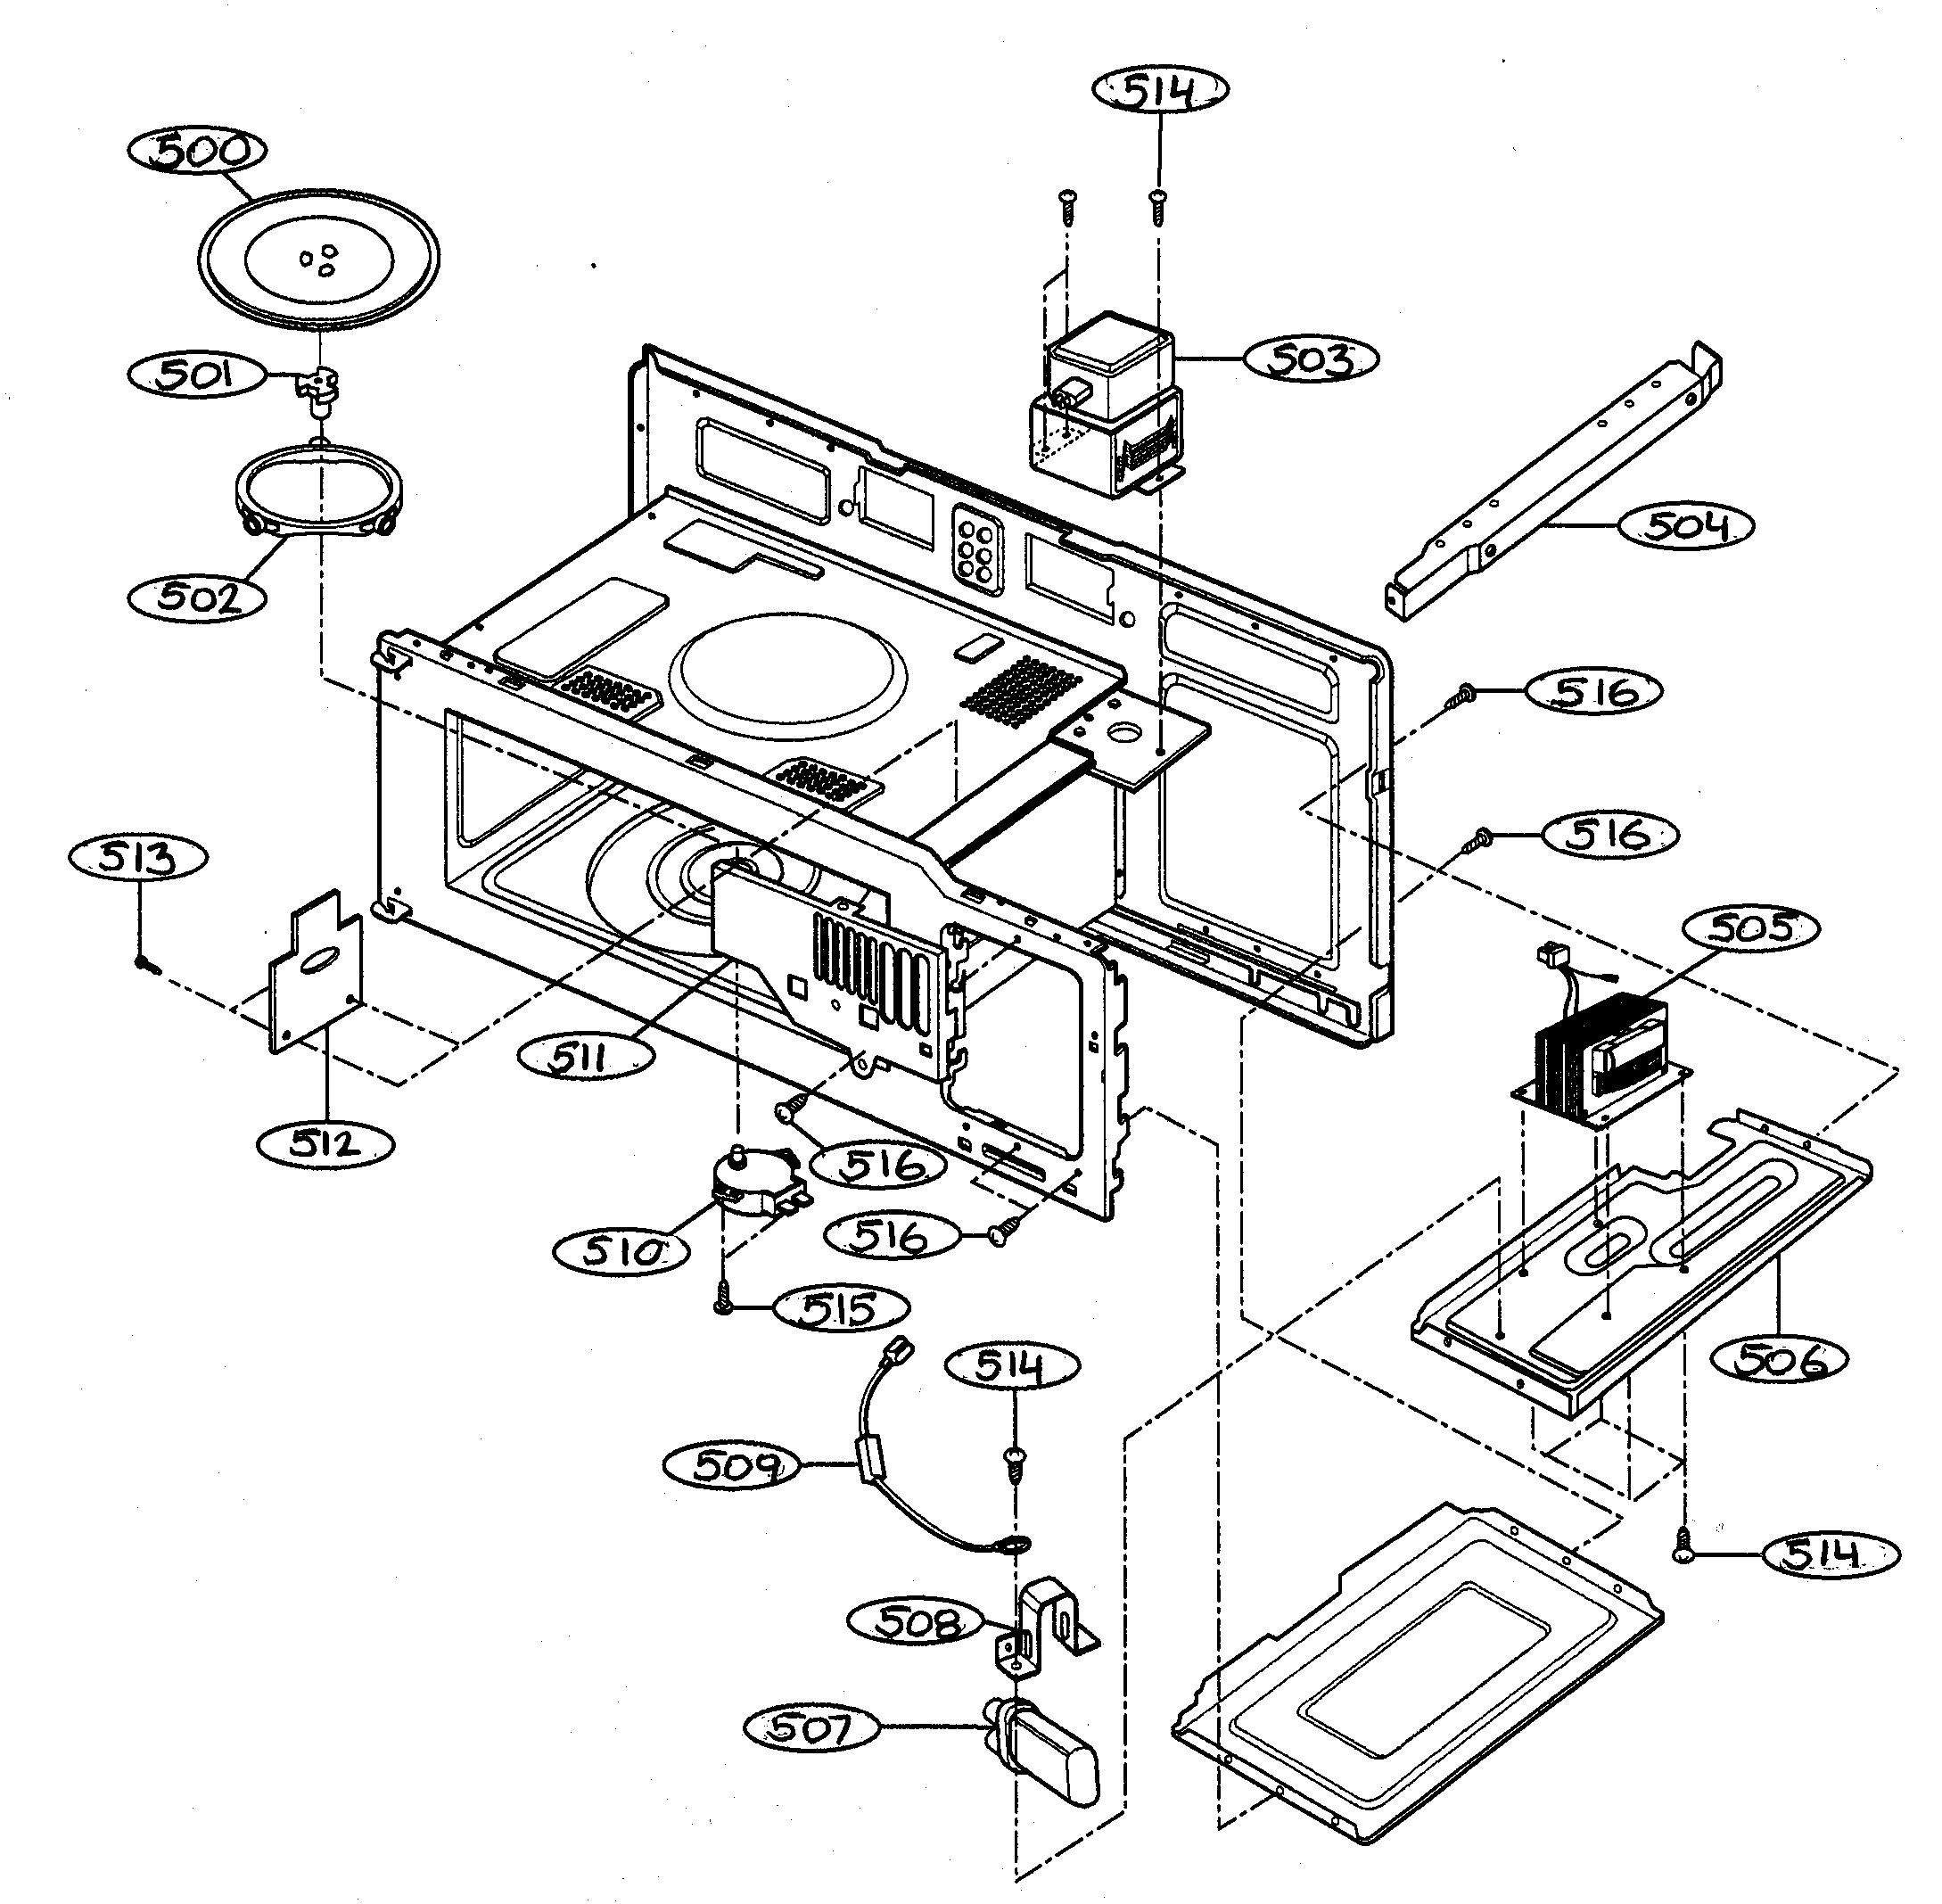 Kubota G2160 Wiring Diagram